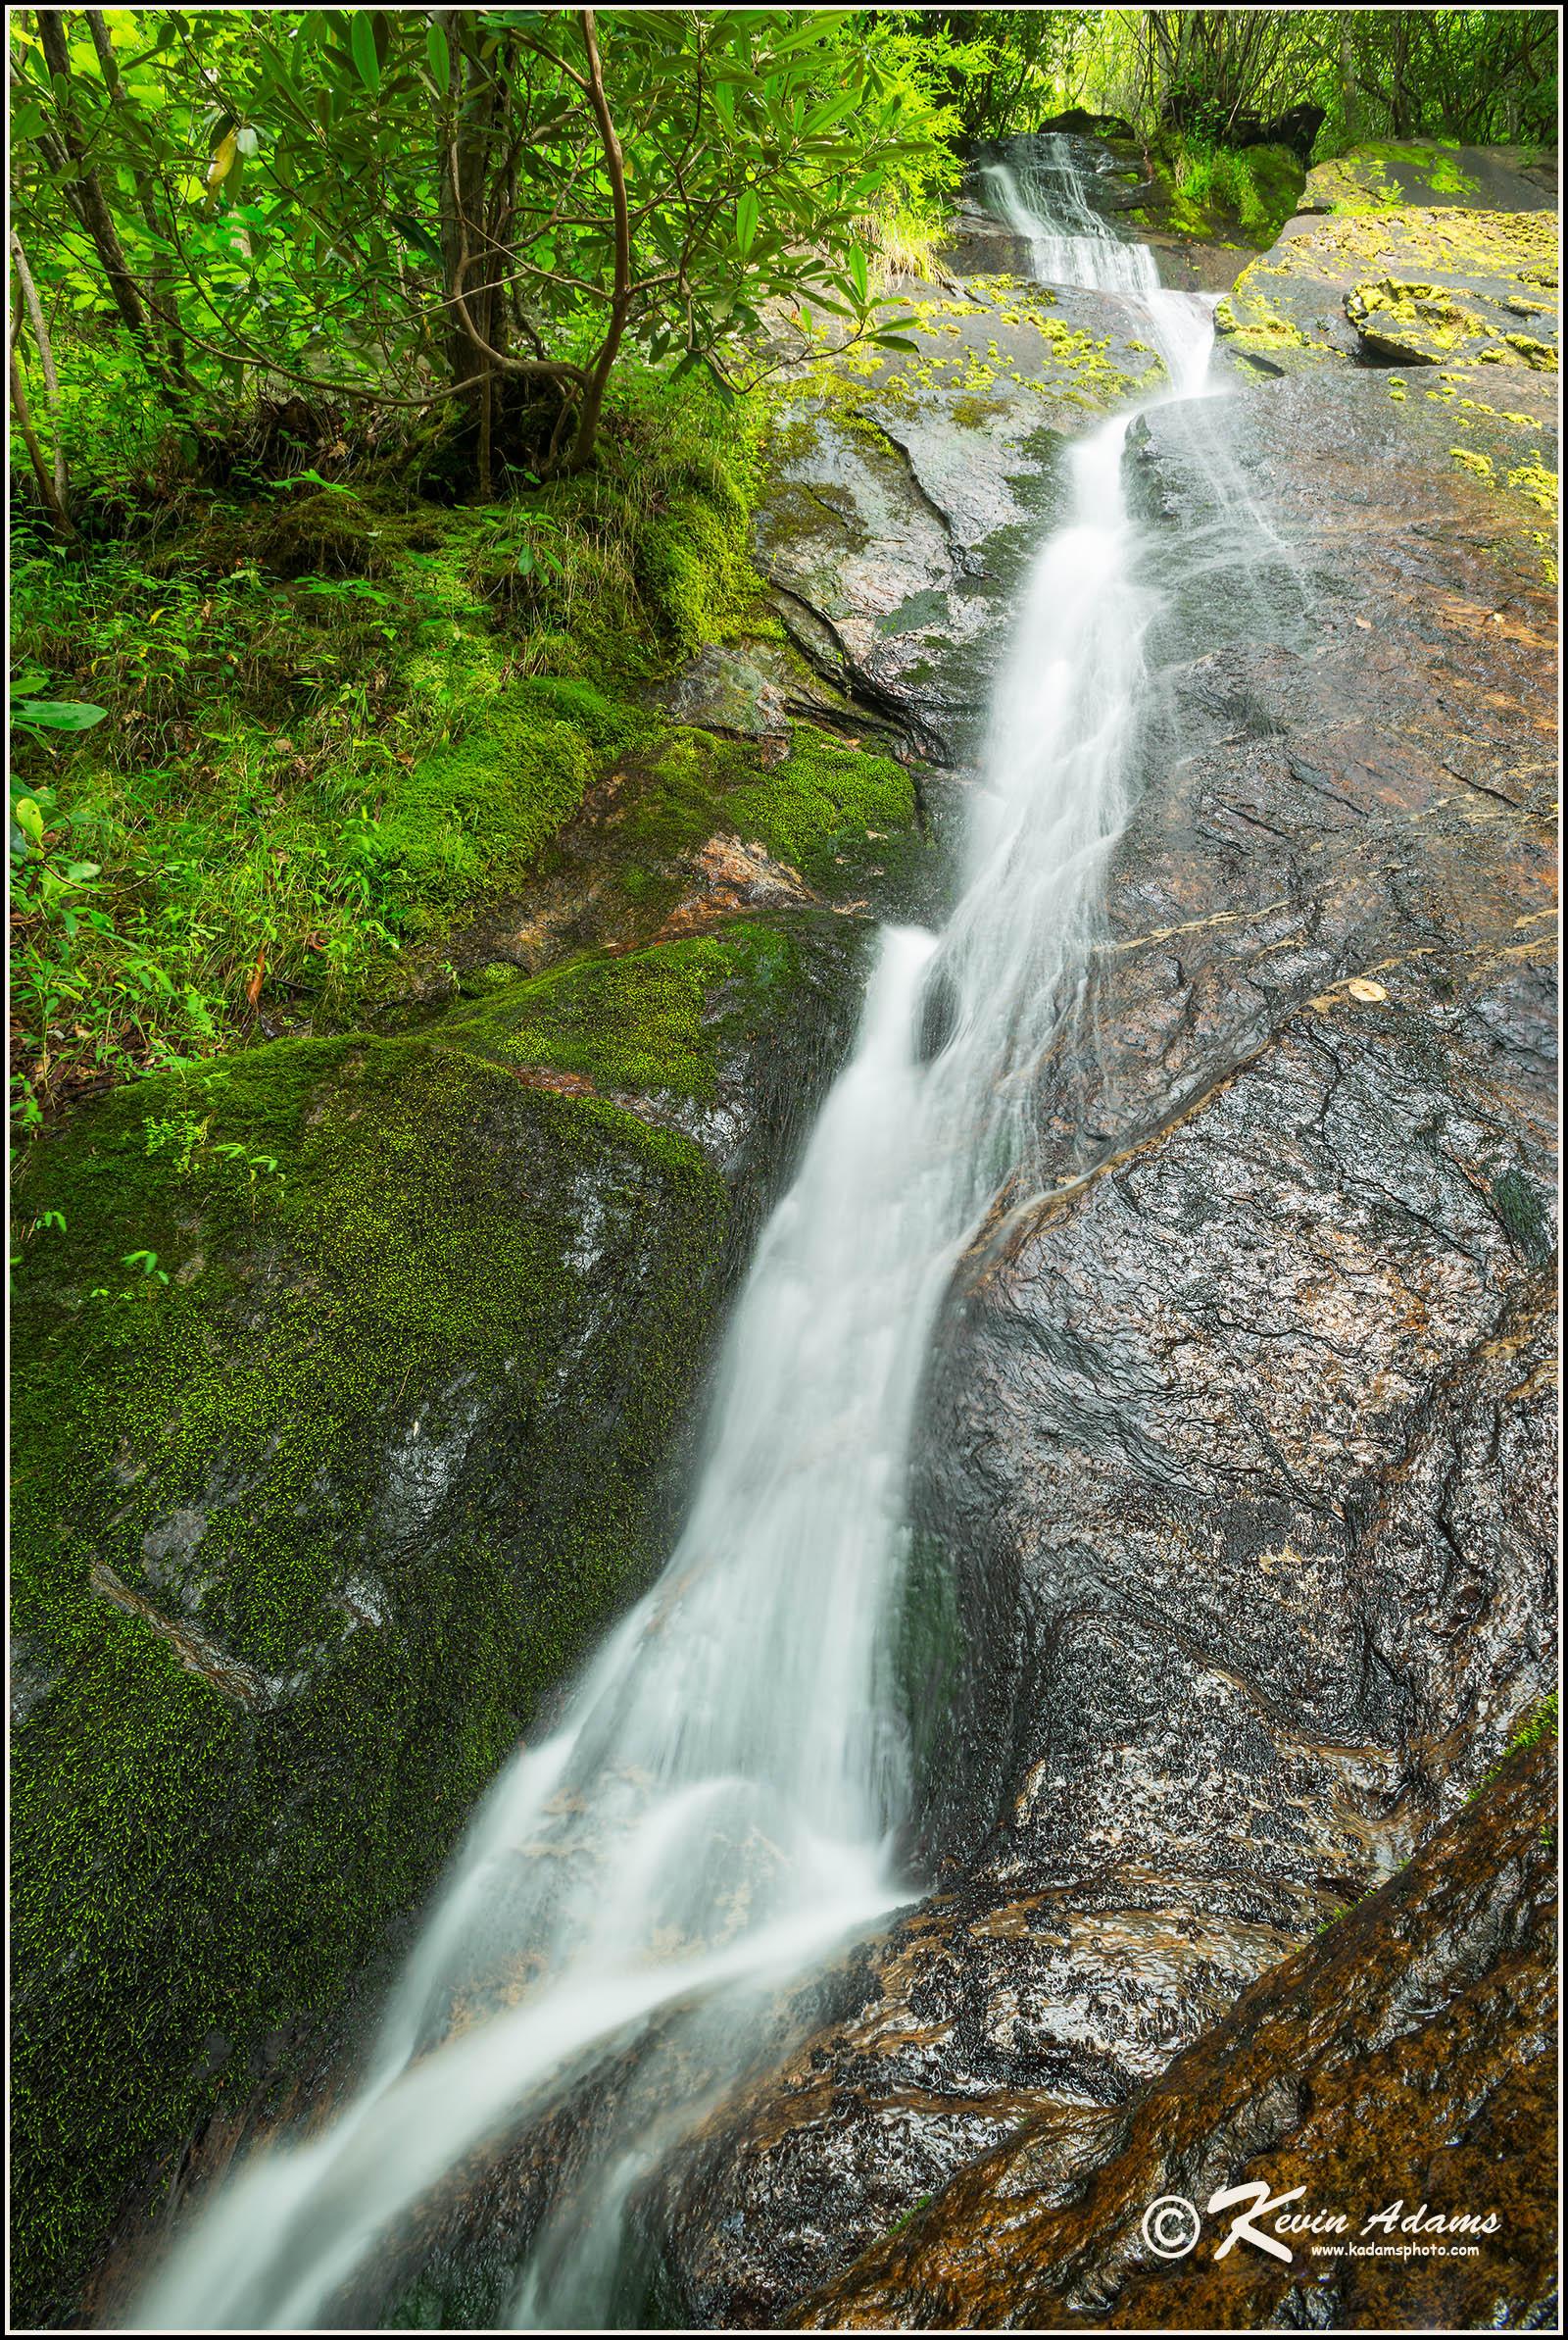 Handpole Branch Falls